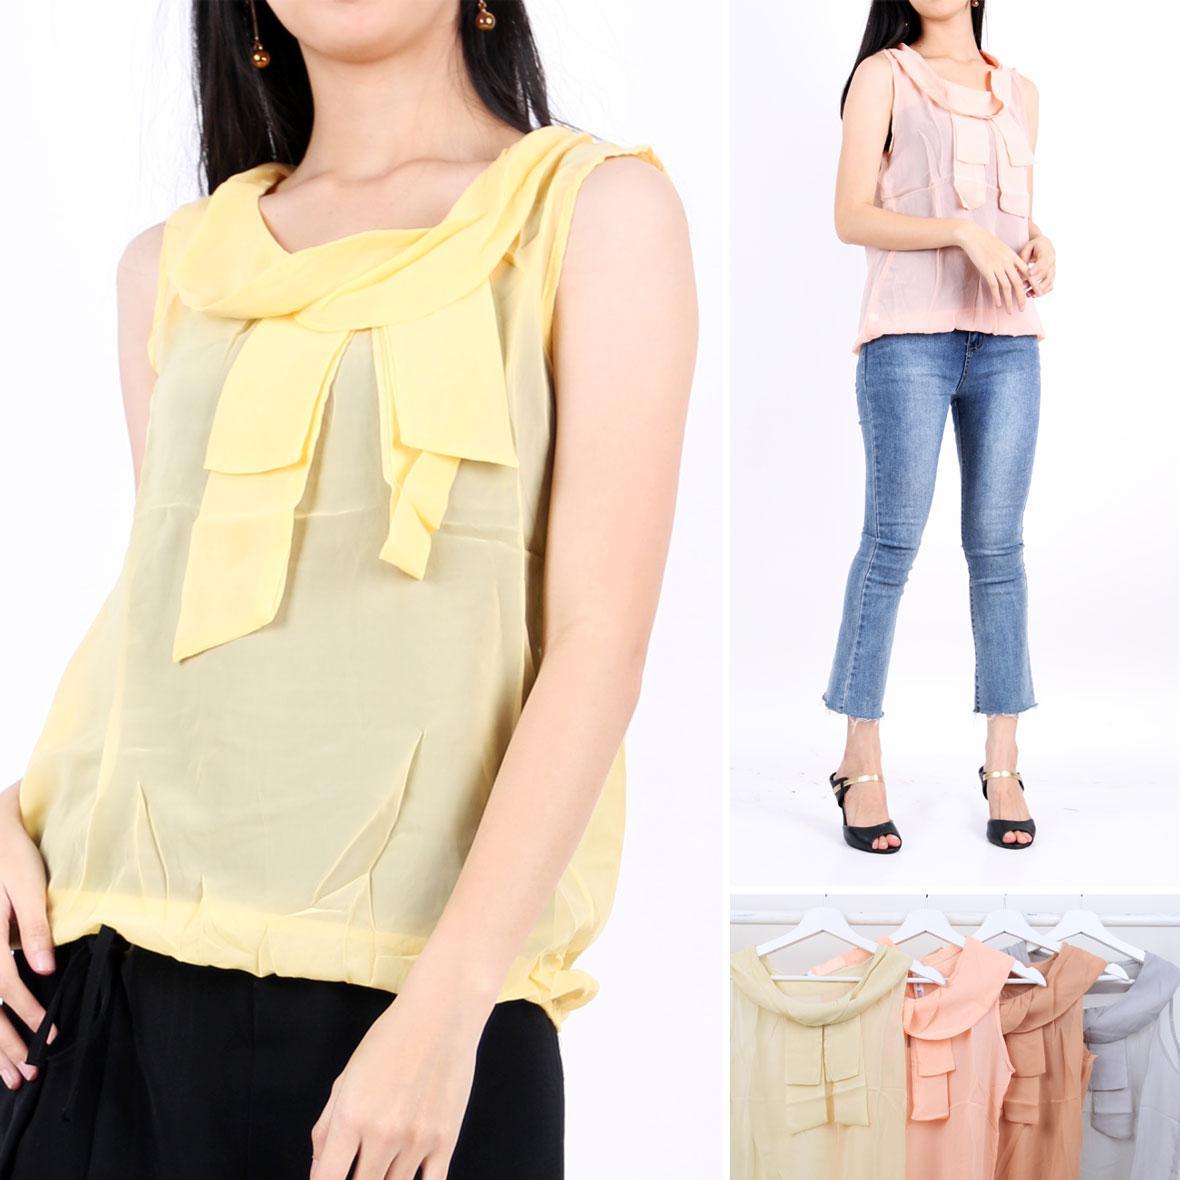 Oma Fashion Jordane Sleeveless 4 wrna-Size M